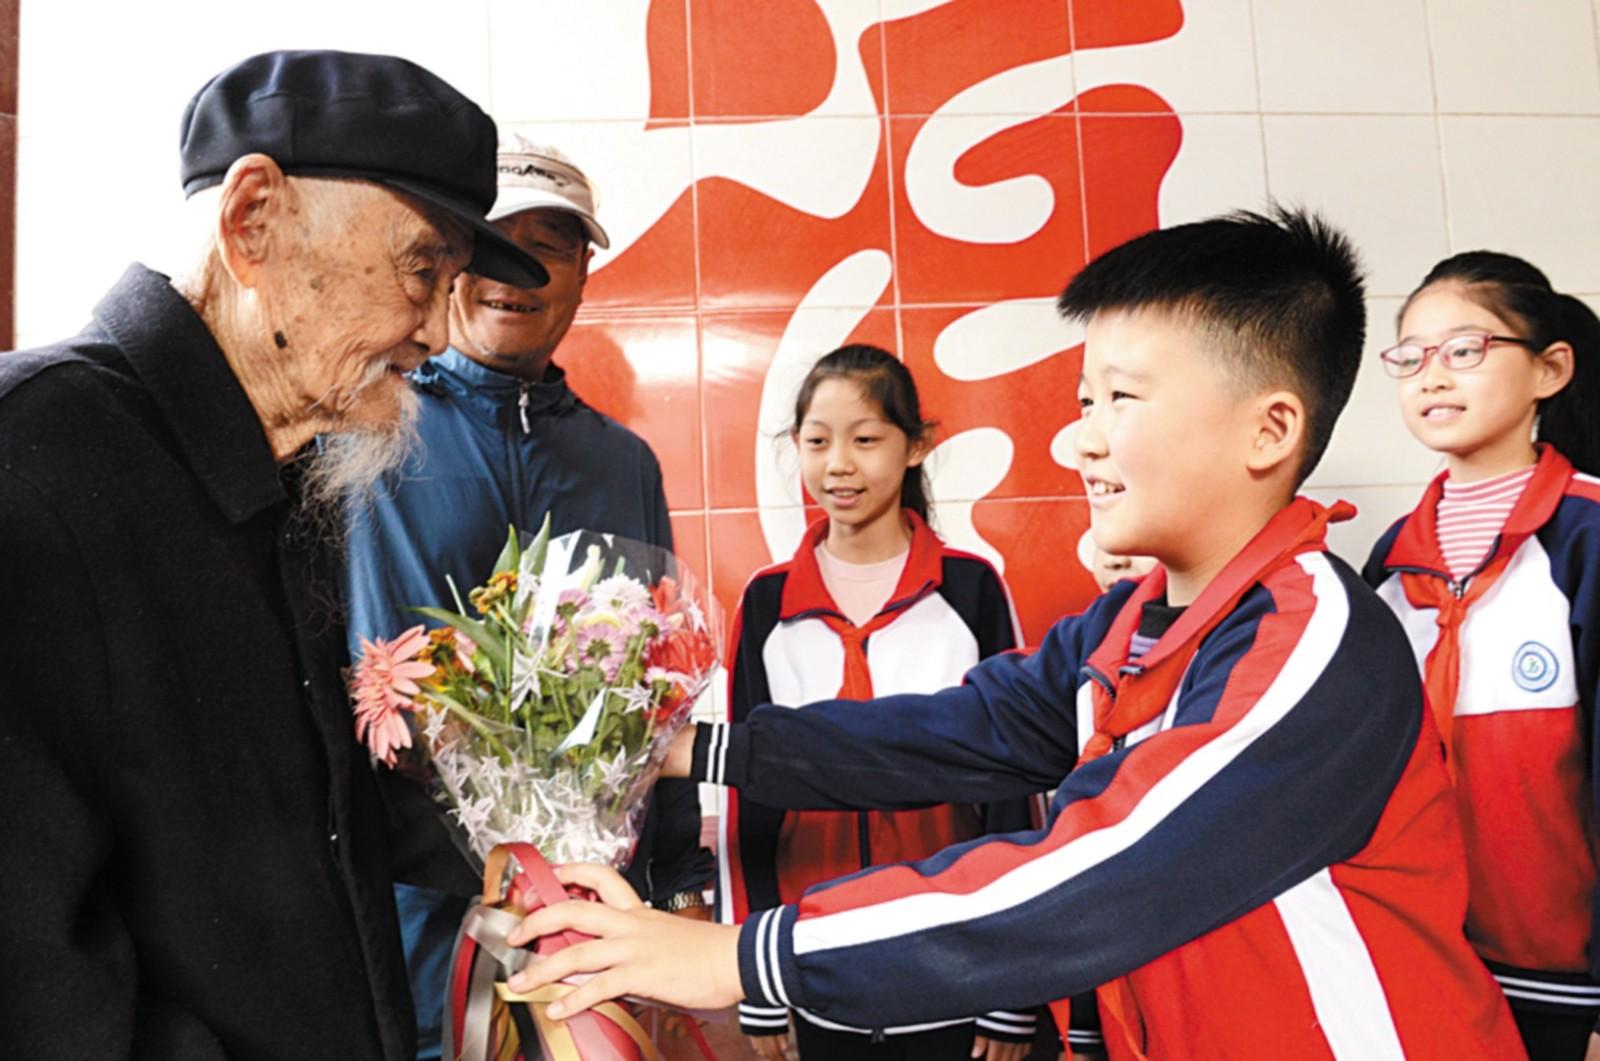 把鲜花送给百岁老人